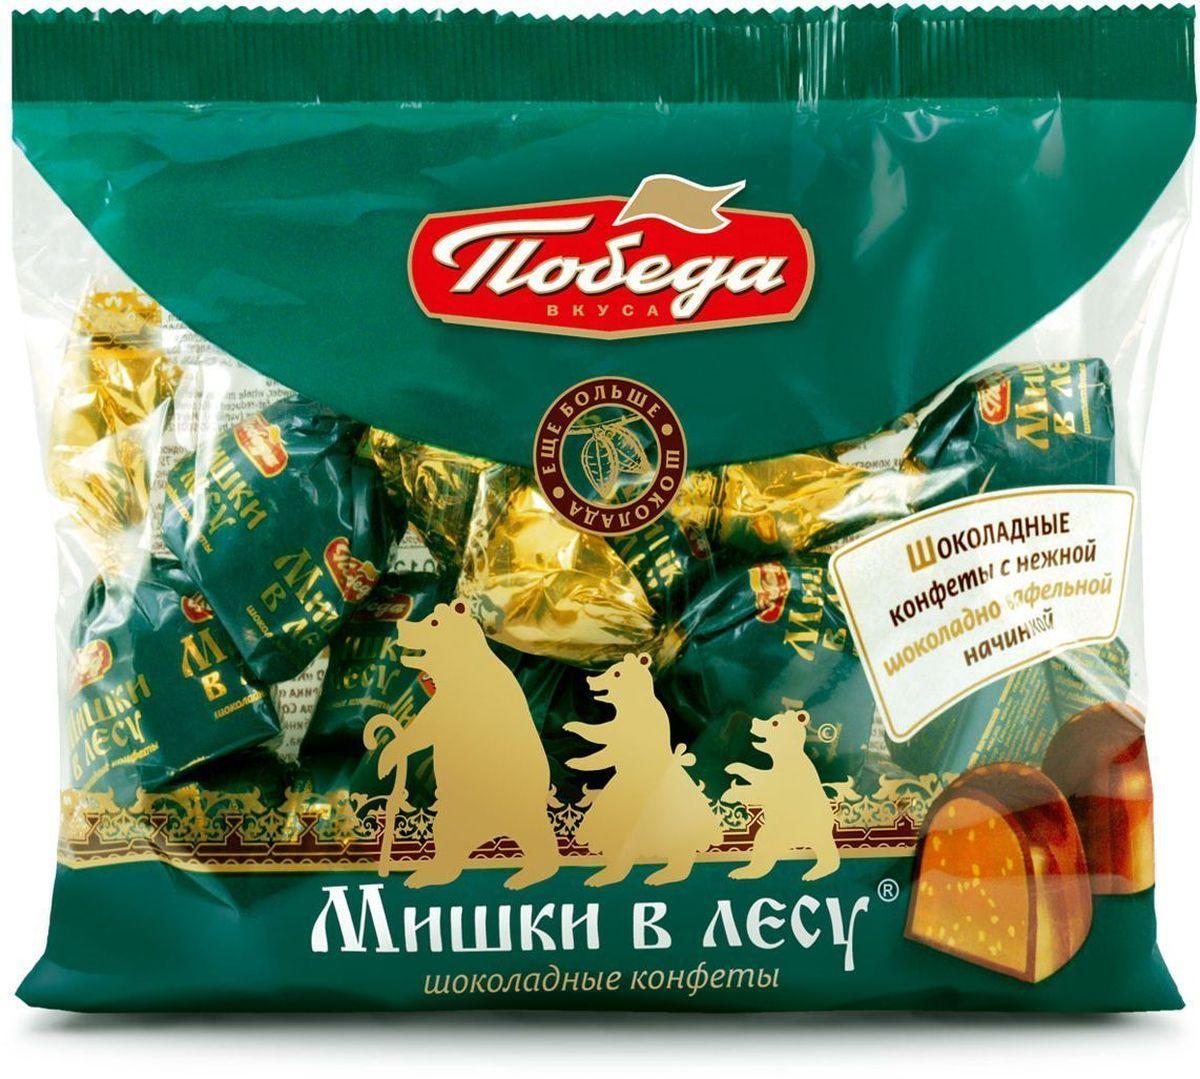 Победа вкуса Мишки в лесу шоколадные конфеты с шоколадно-вафельной начинкой, 200 г шоколадные годы конфеты ассорти 190 г